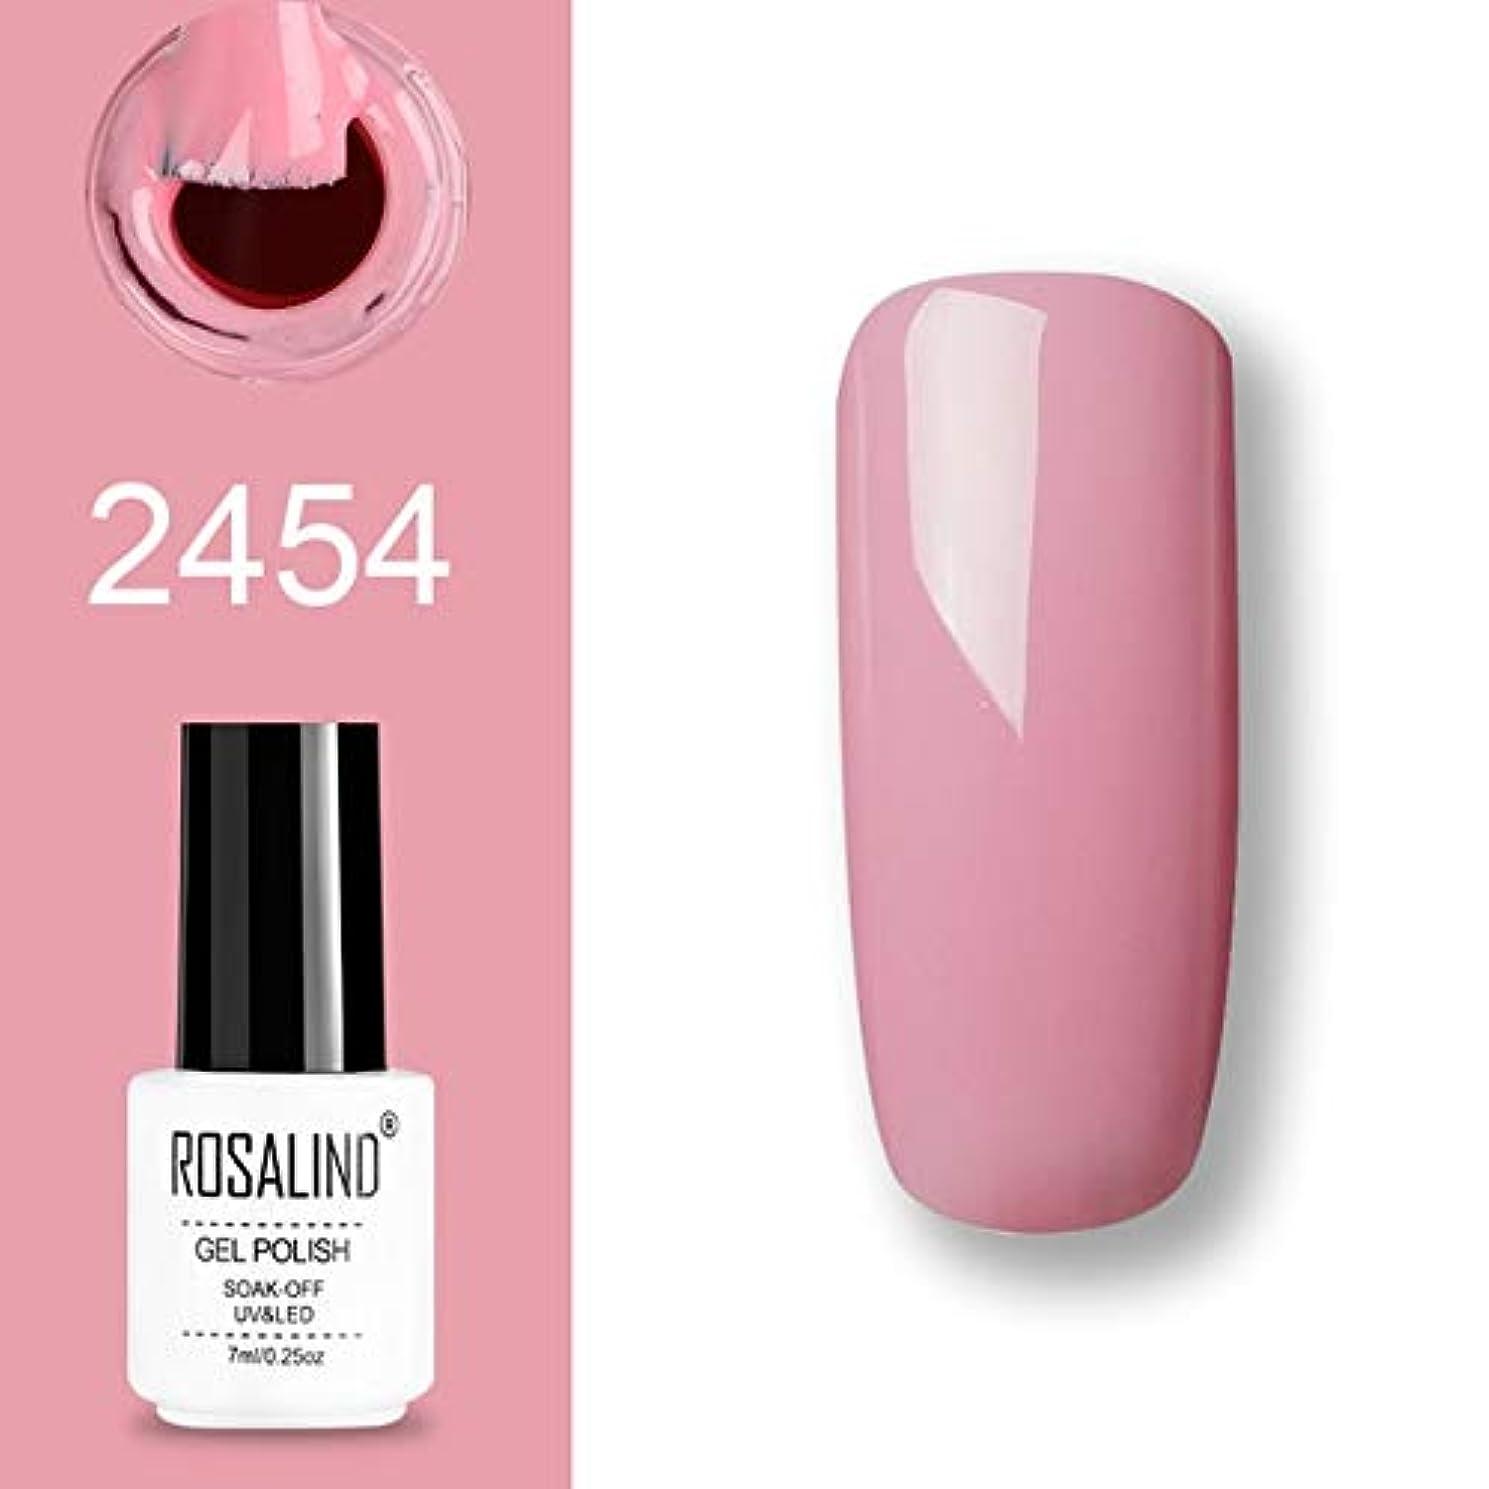 モディッシュちょっと待って熟達ファッションアイテム ROSALINDジェルポリッシュセットUV半永久プライマートップコートポリジェルニスネイルアートマニキュアジェル、ピンク、容量:7ml 2454。 環境に優しいマニキュア